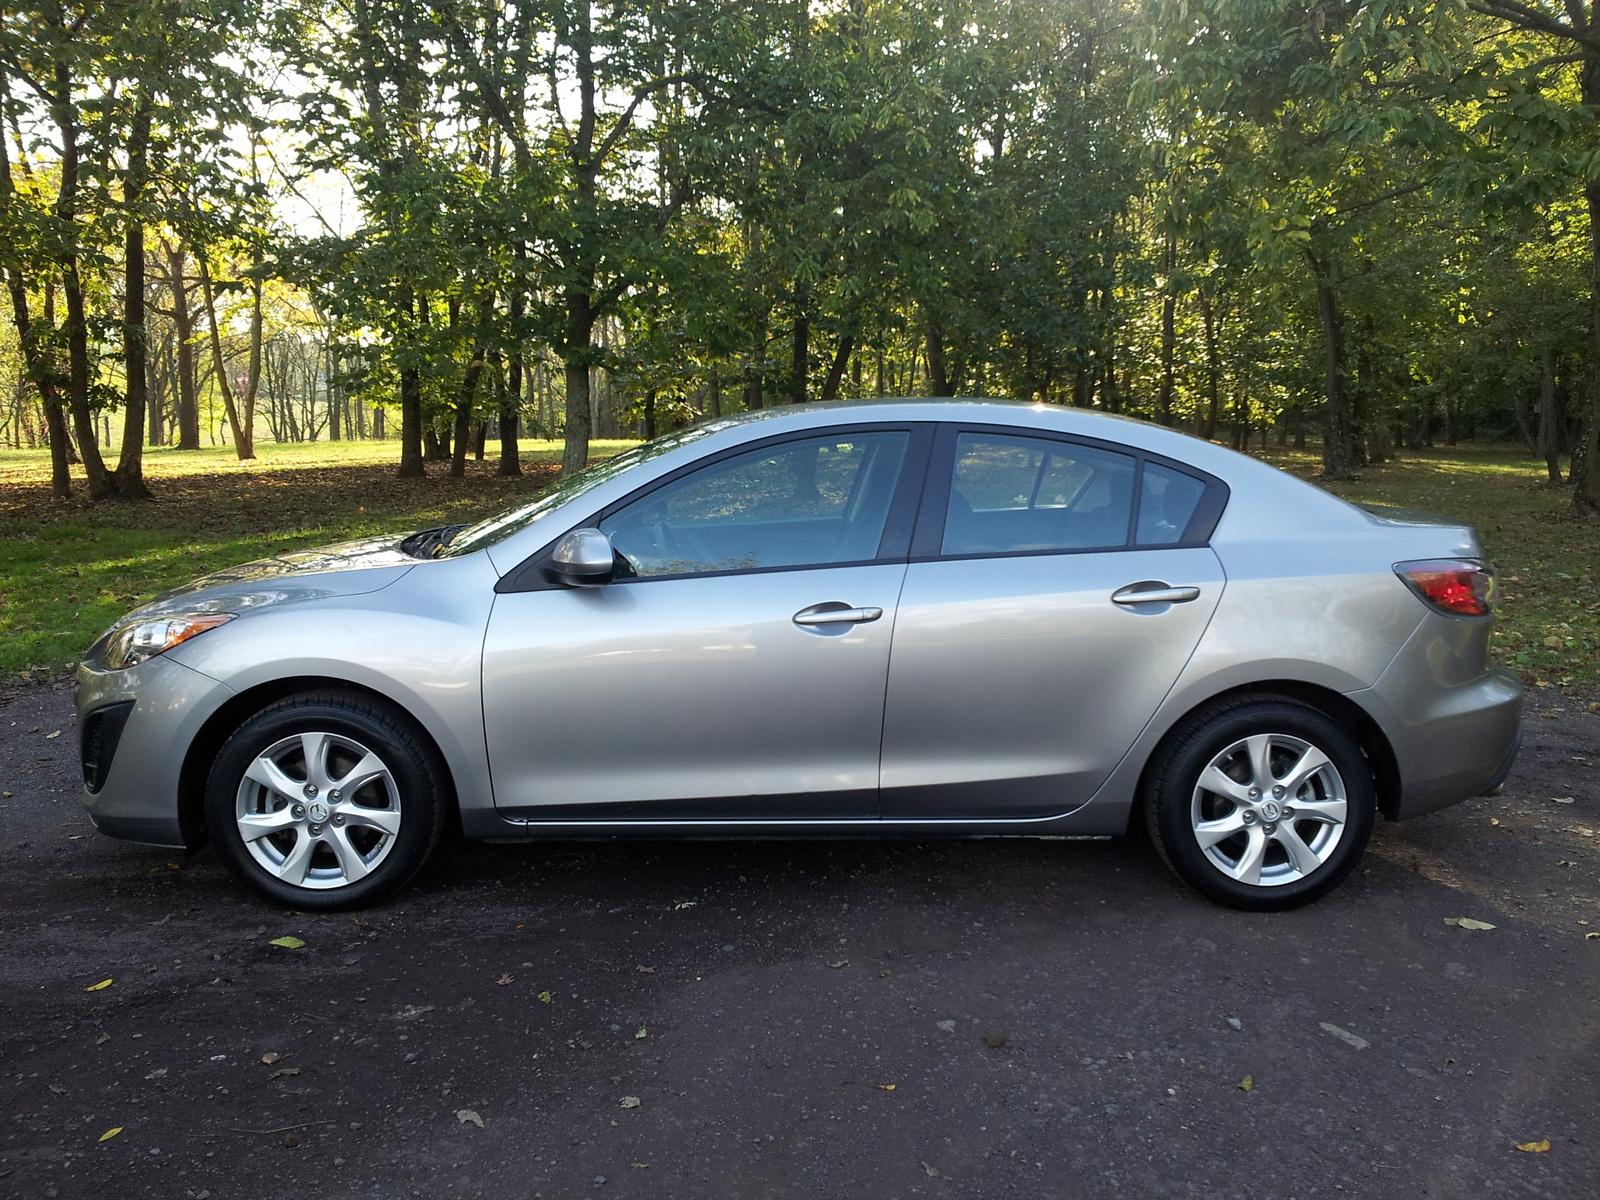 2010 Mazda Mazda3 Exterior Pictures Cargurus